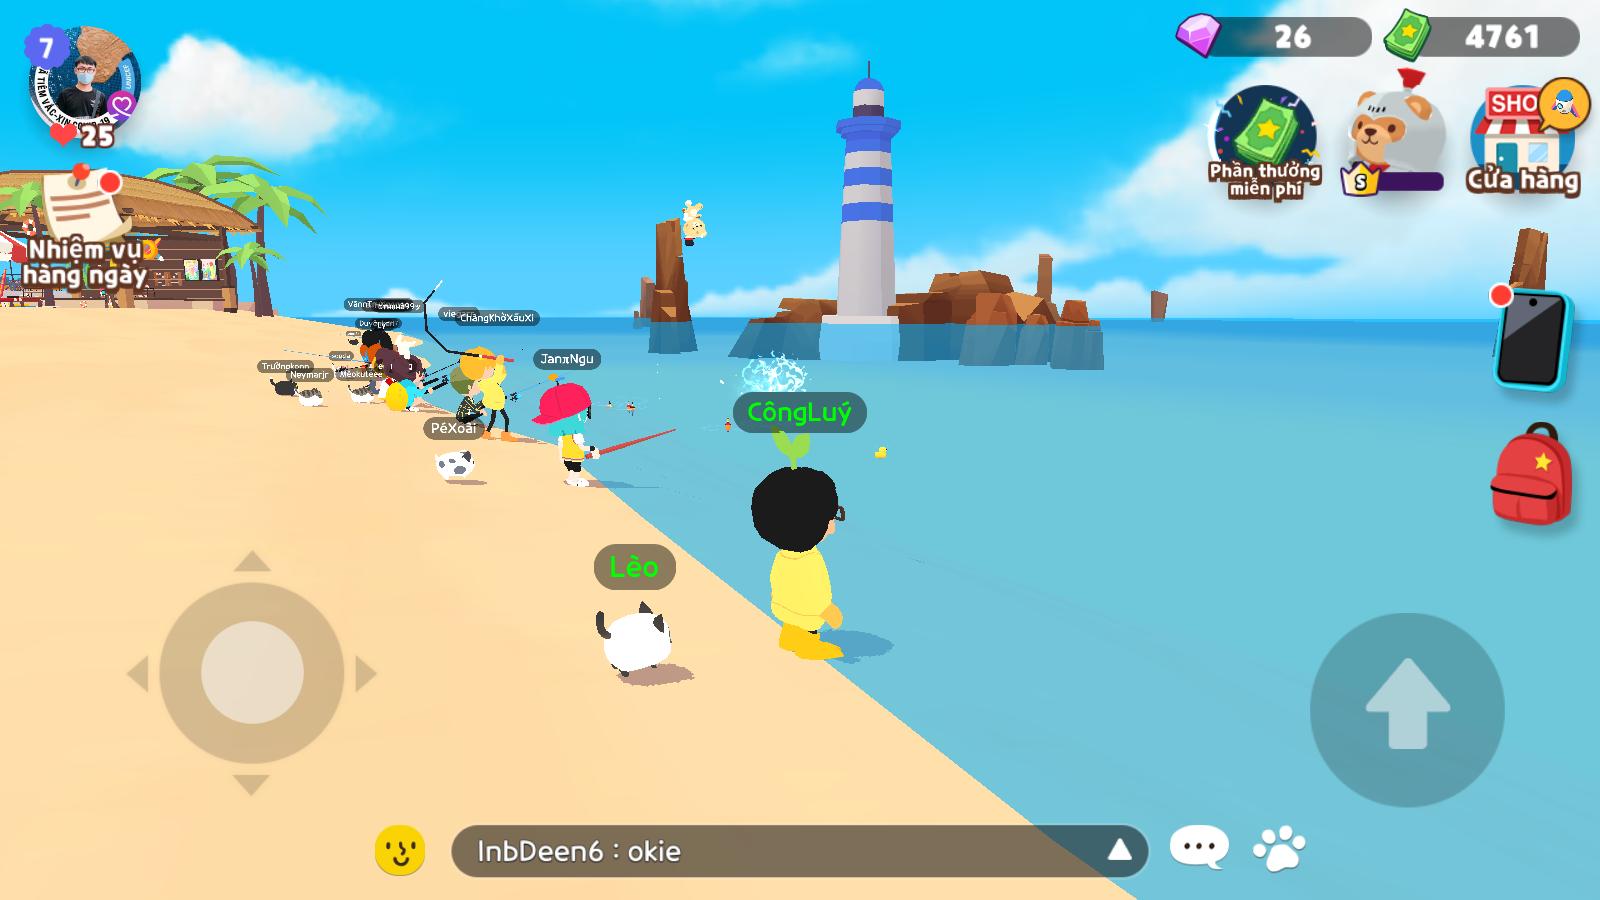 Địa điểm câu cá hiếm Play Together